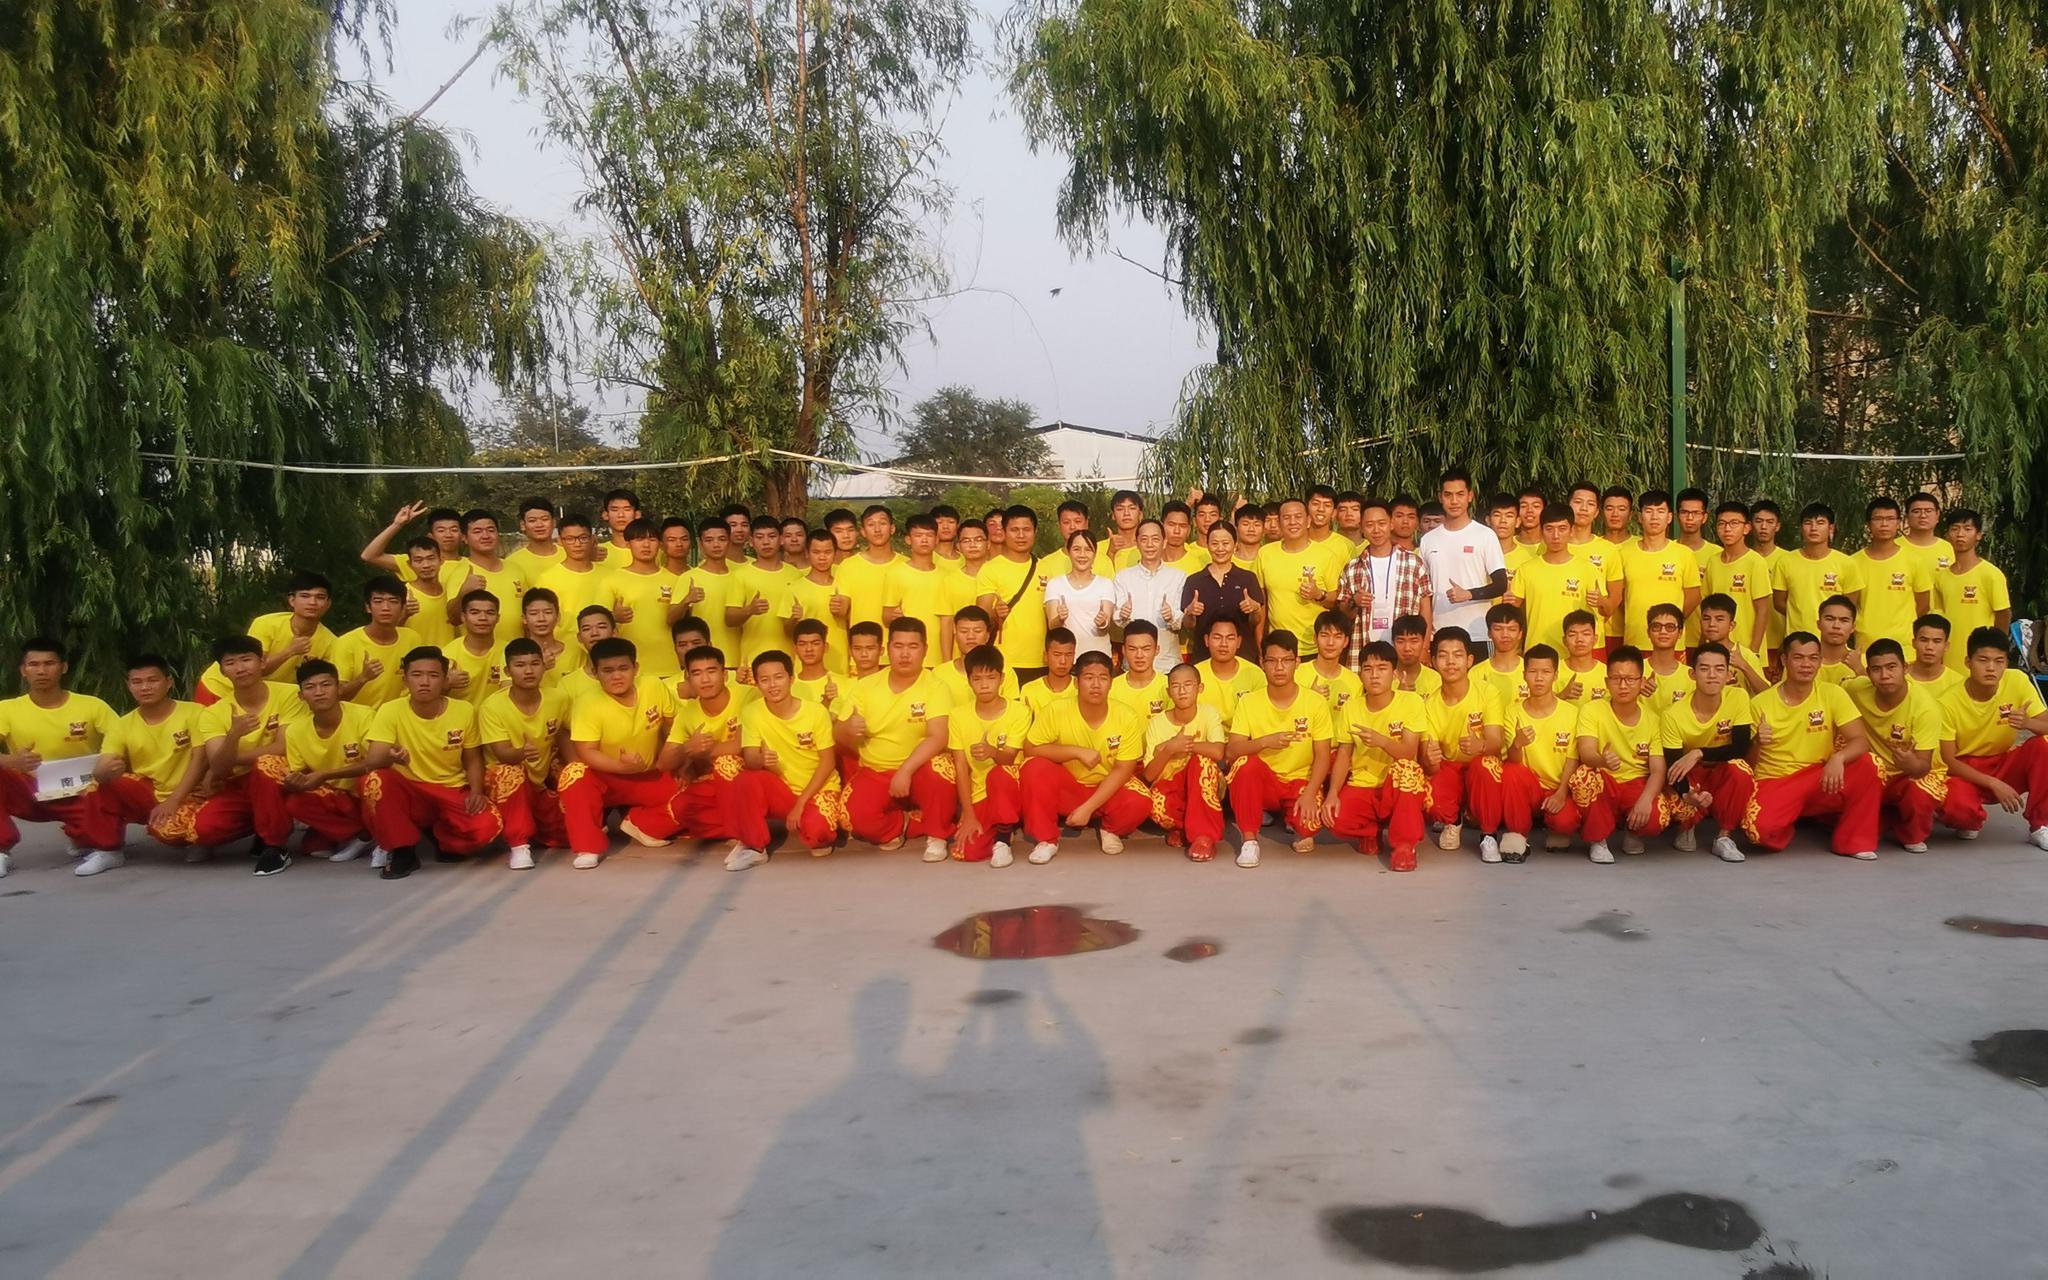 9月29日,广东佛山北海醉狮演出团队正在锻炼基天开影。受访者供图